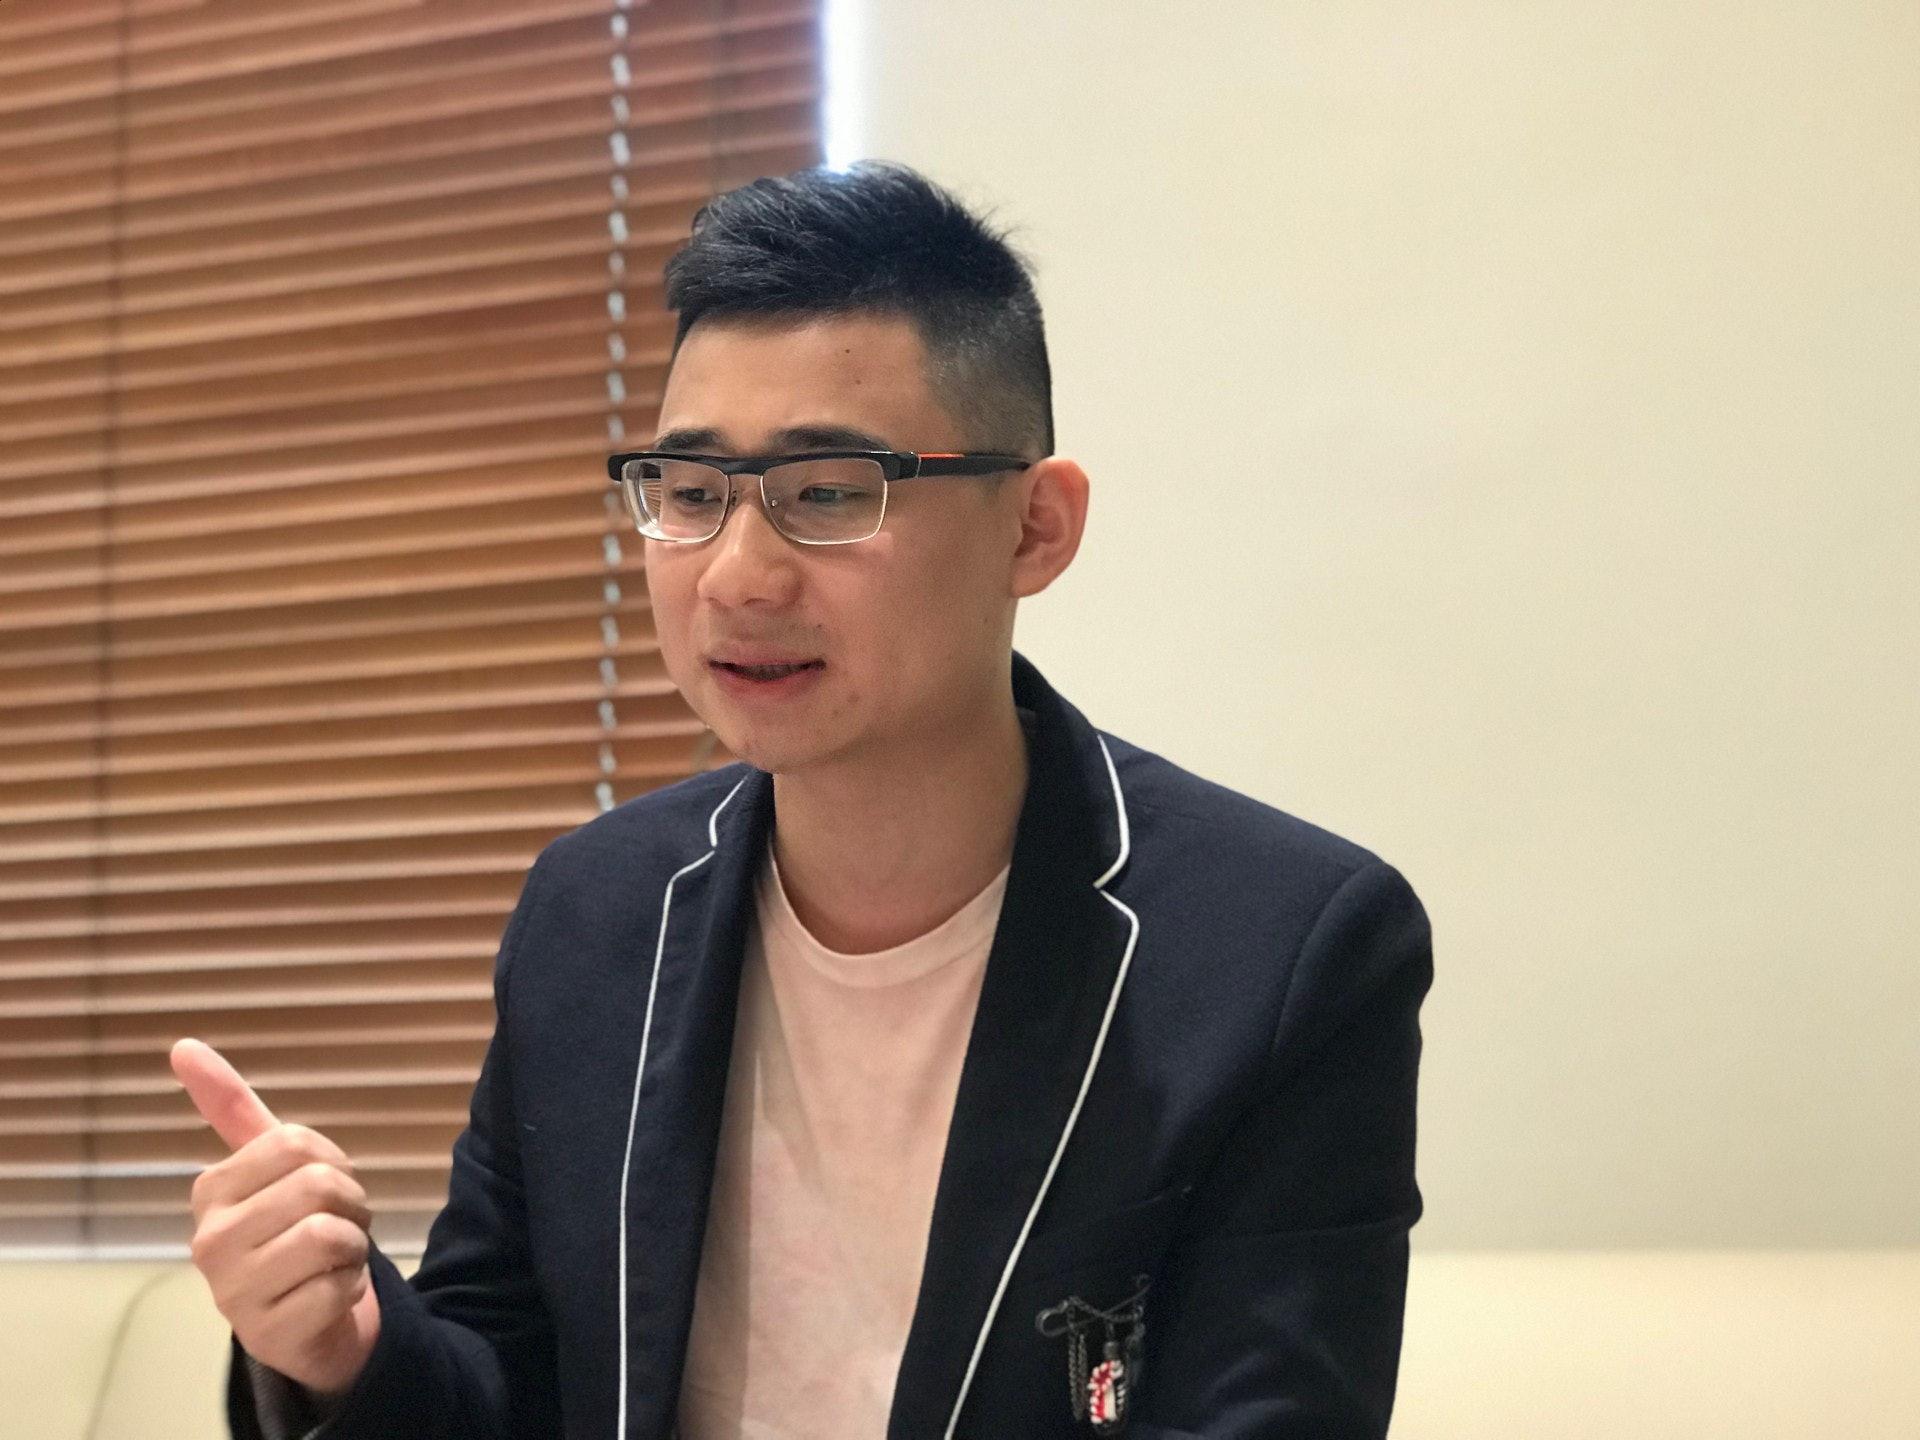 今年就讀香港中文大學中文系三年級的李謙諾,中學選修科以理科為主,卻在初中偶然發現自己對中文具濃厚興趣。(鄧穎琳攝)